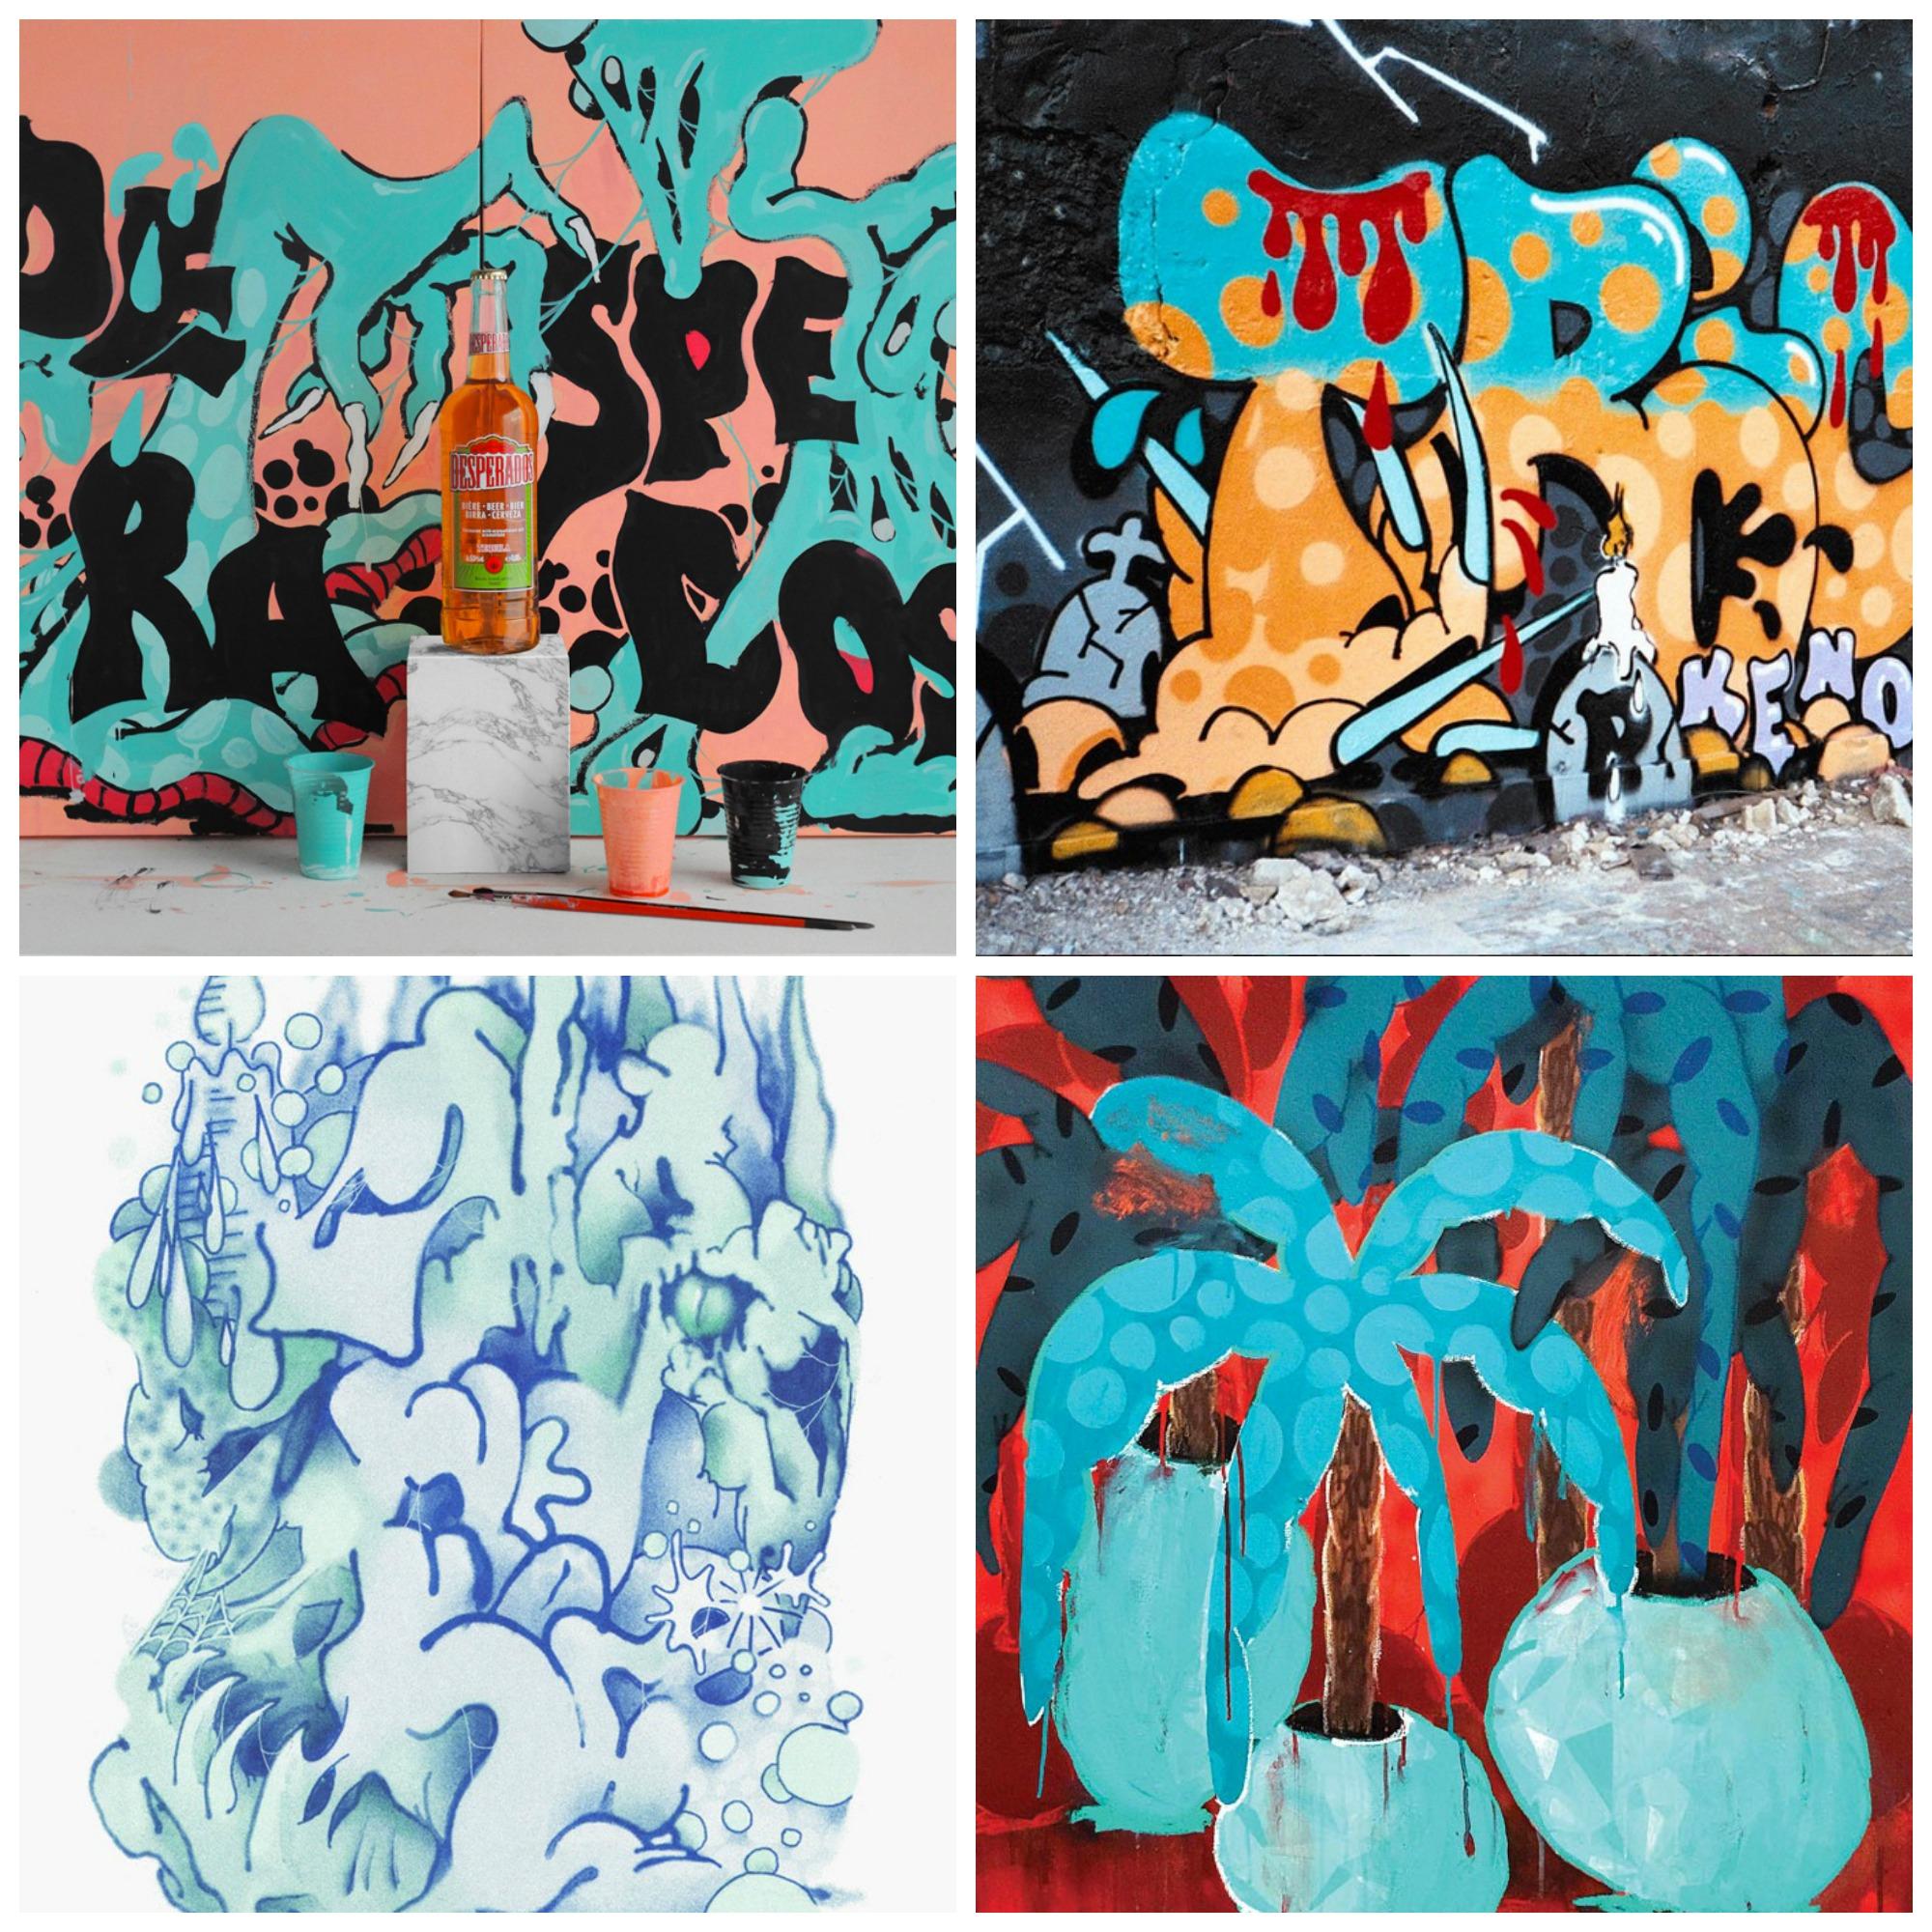 Ludovilk street art graffiti